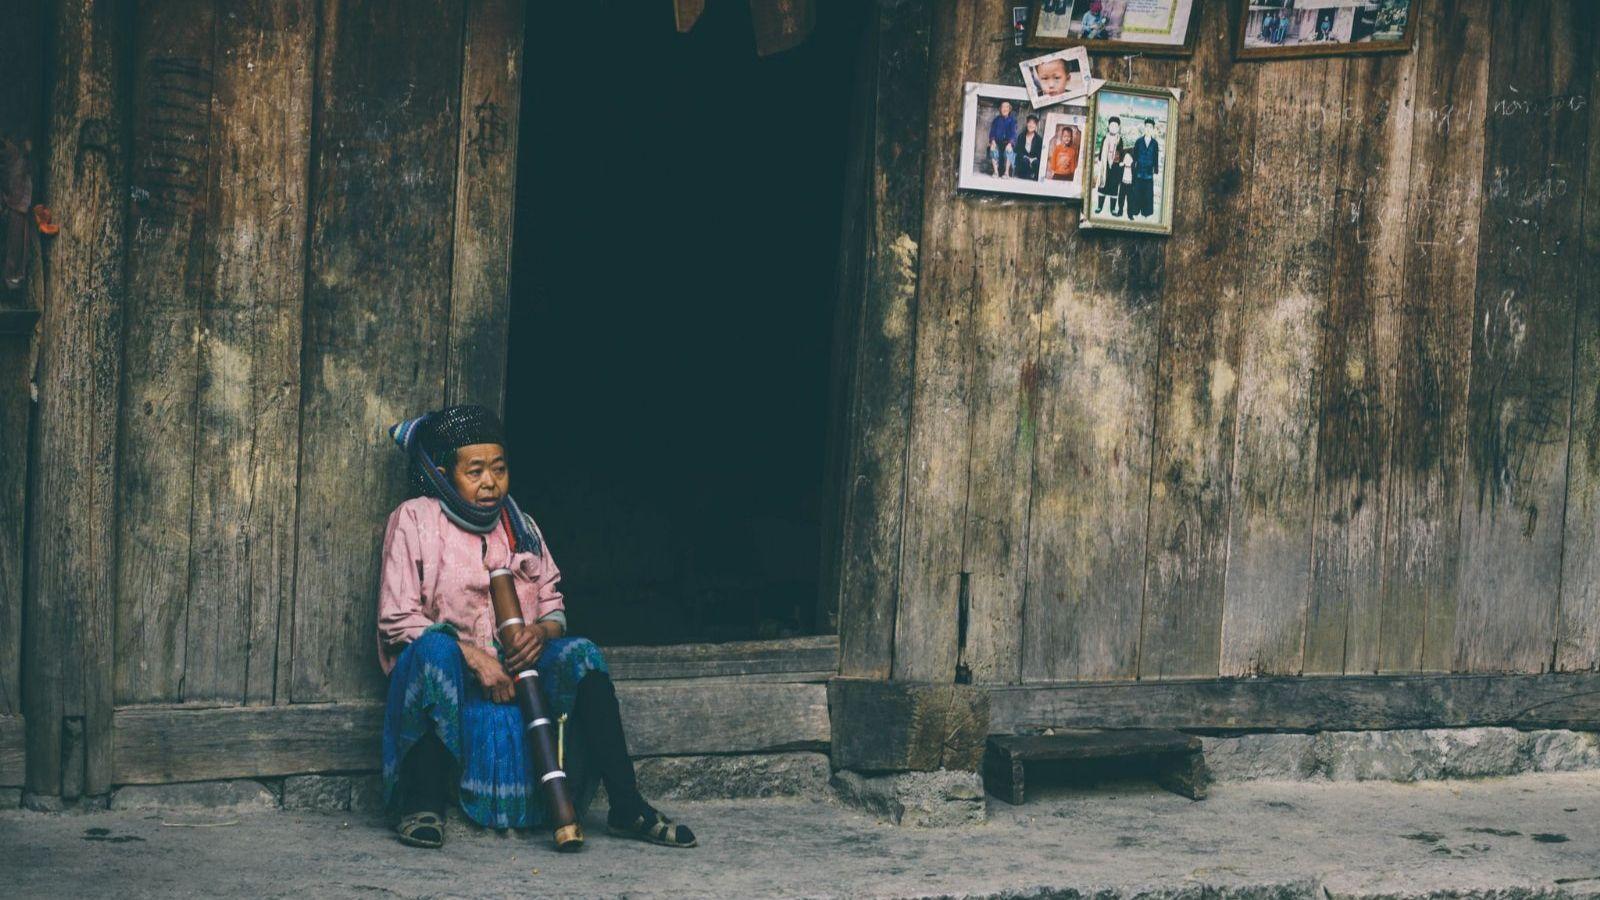 cụ già ngồi hút thuốc lào trước bậc cửa của căn nhà cổ